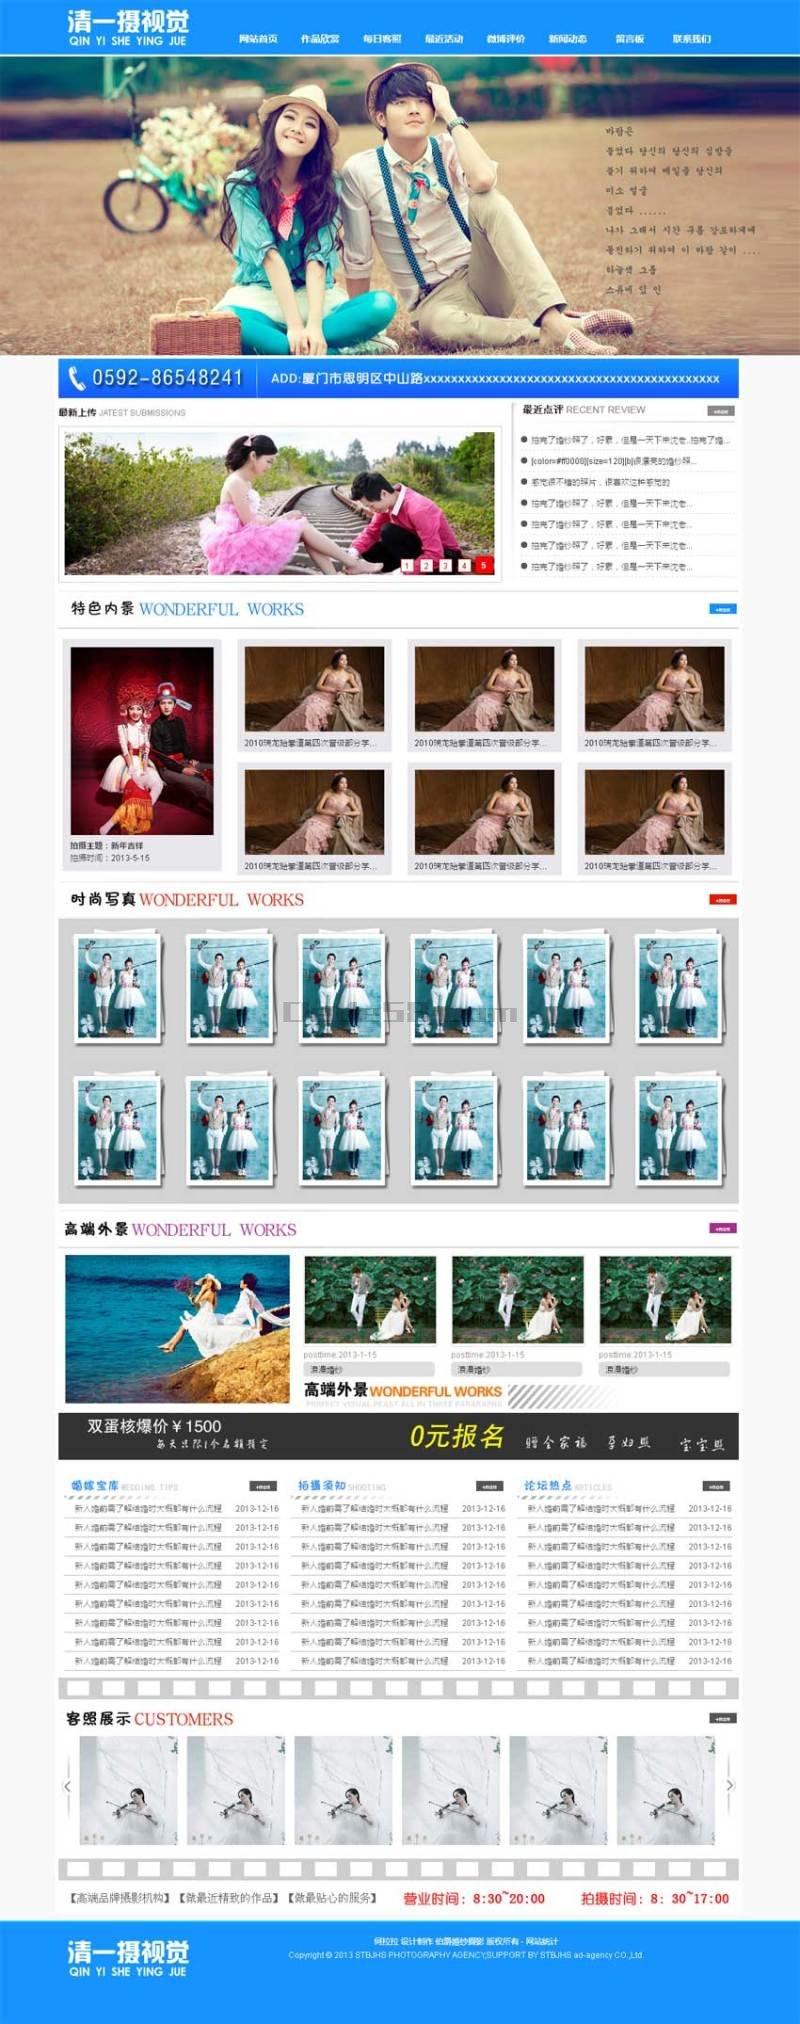 蓝色的视觉婚纱摄影html网站代码模板